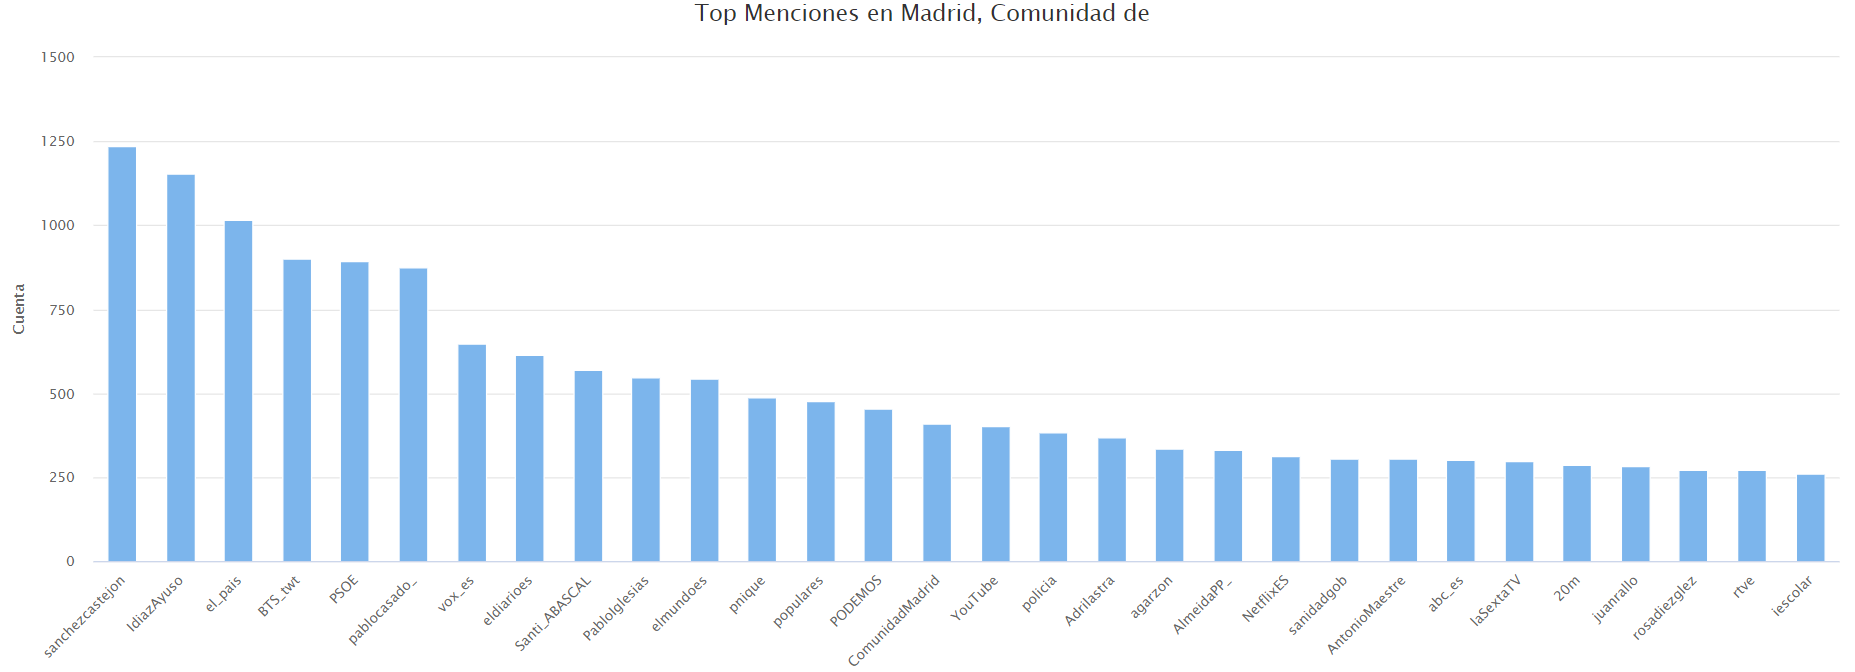 Menciones a usuarios más frecuentes en la Comunidad de Madrid